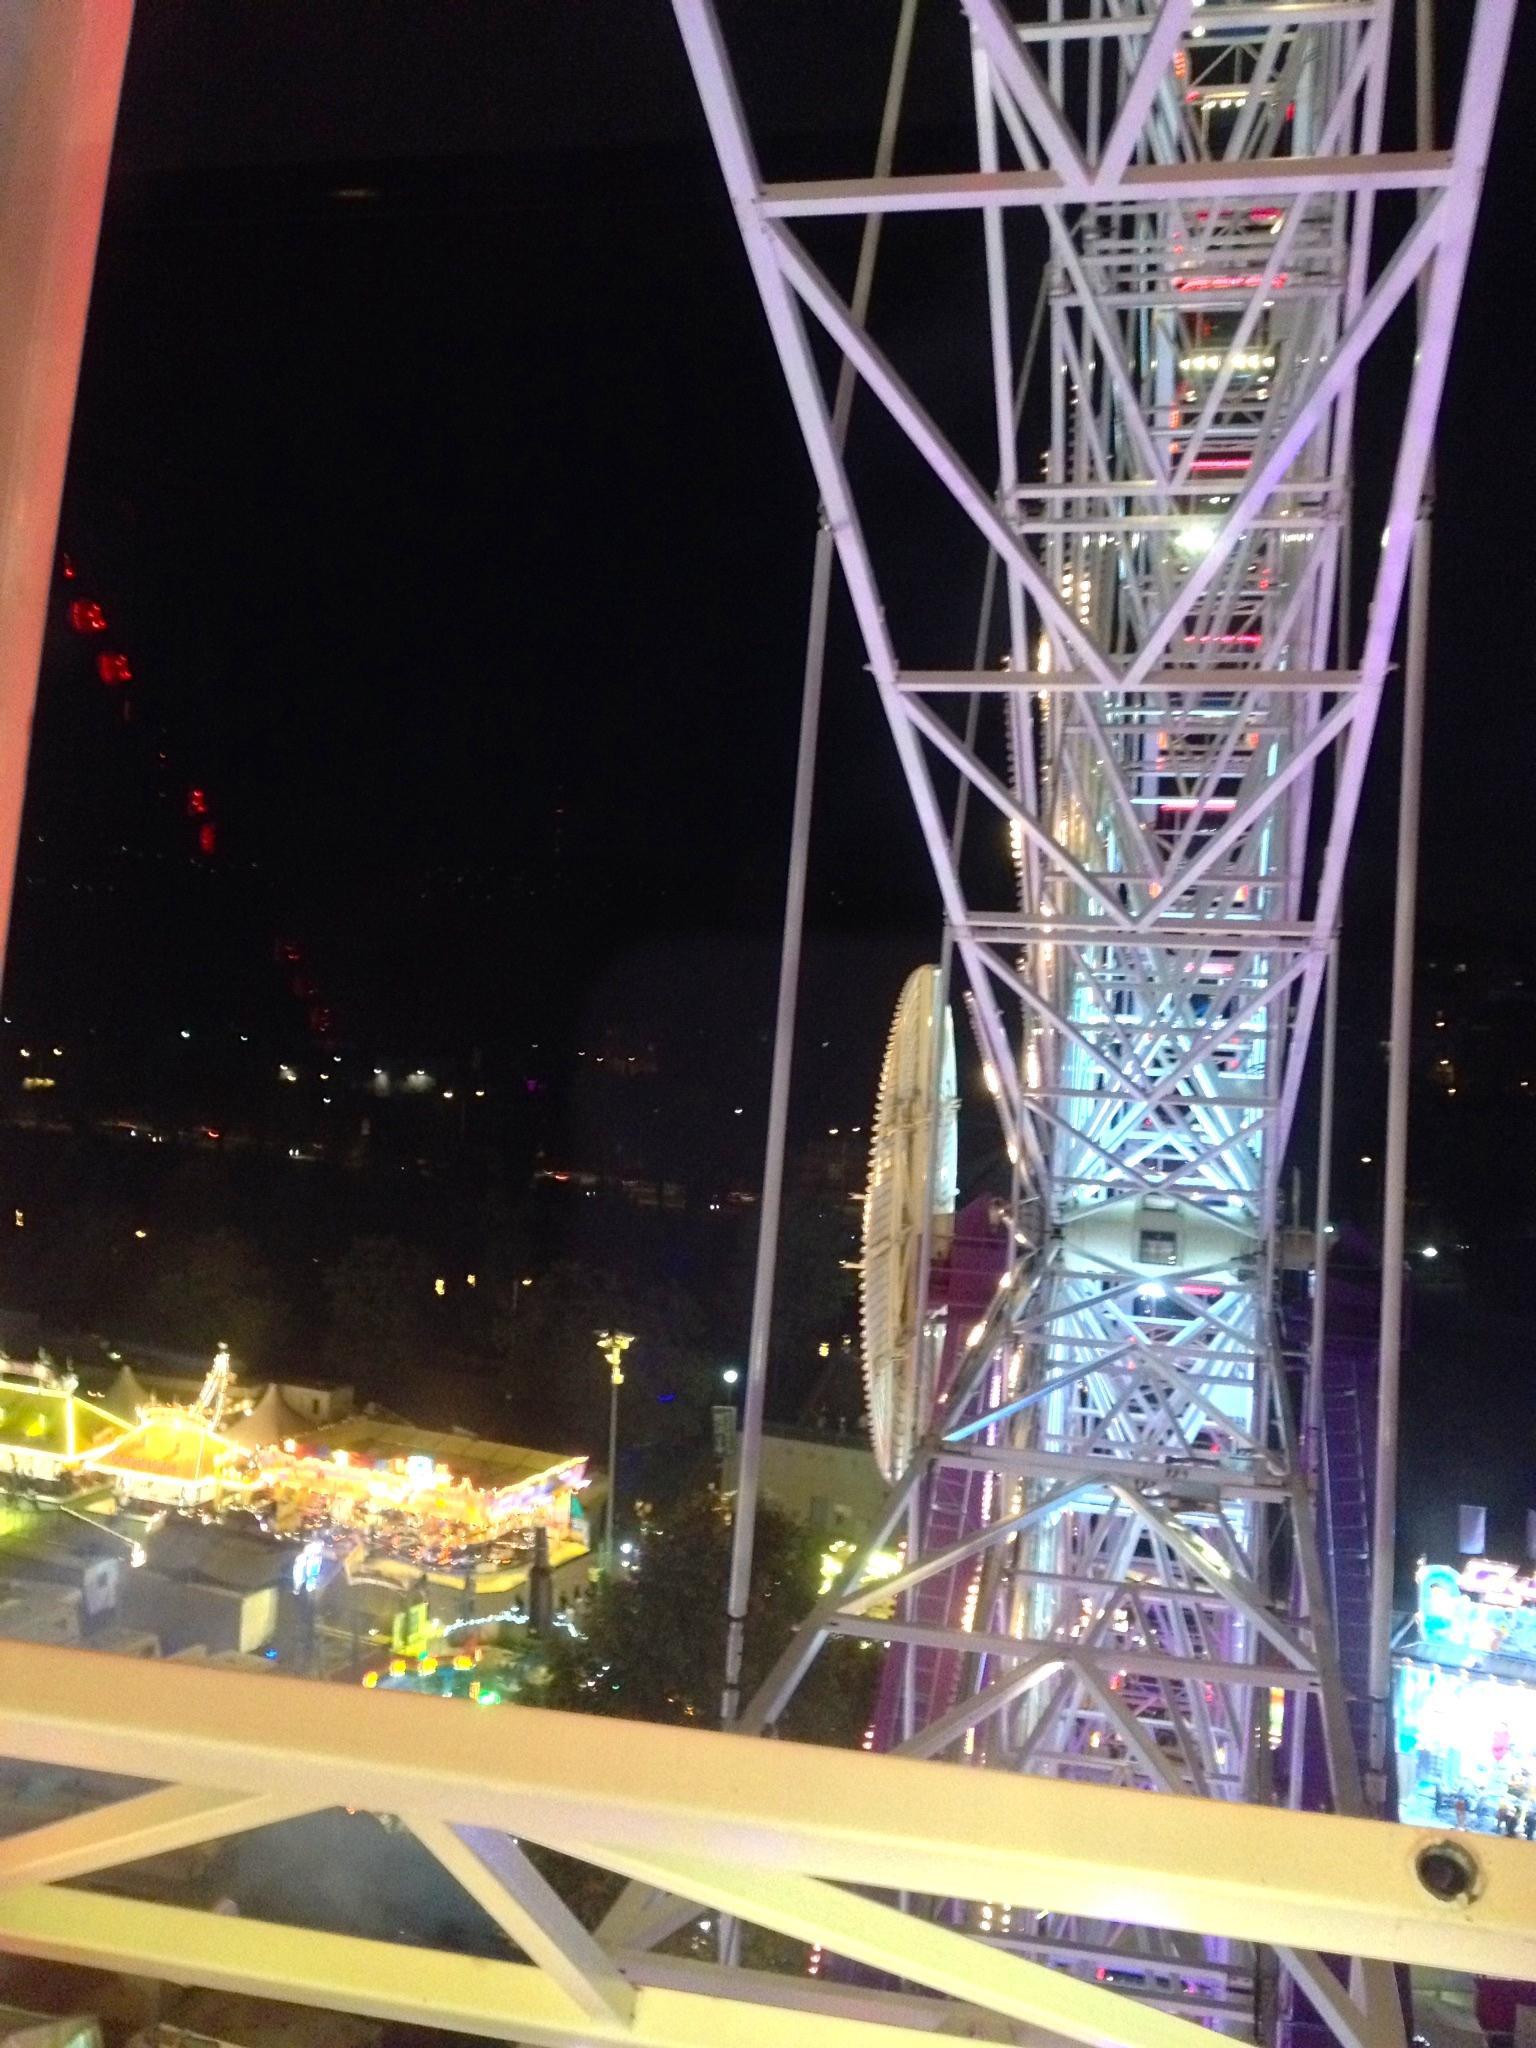 Inside the Ferris wheel